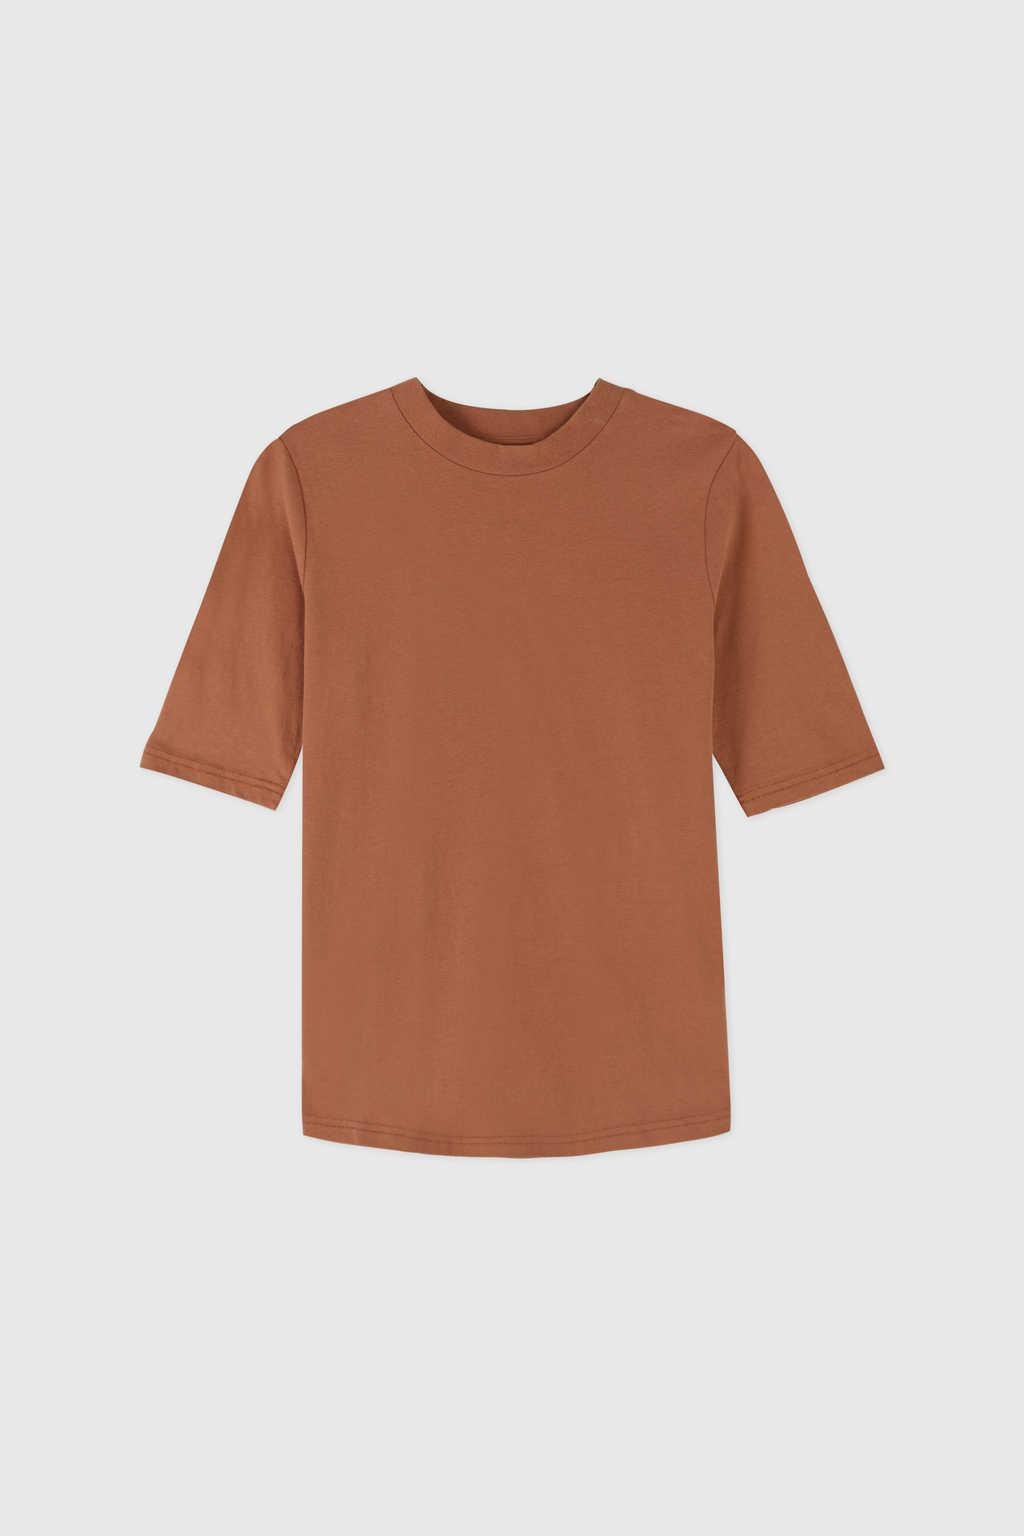 TShirt 2972 Rust 10